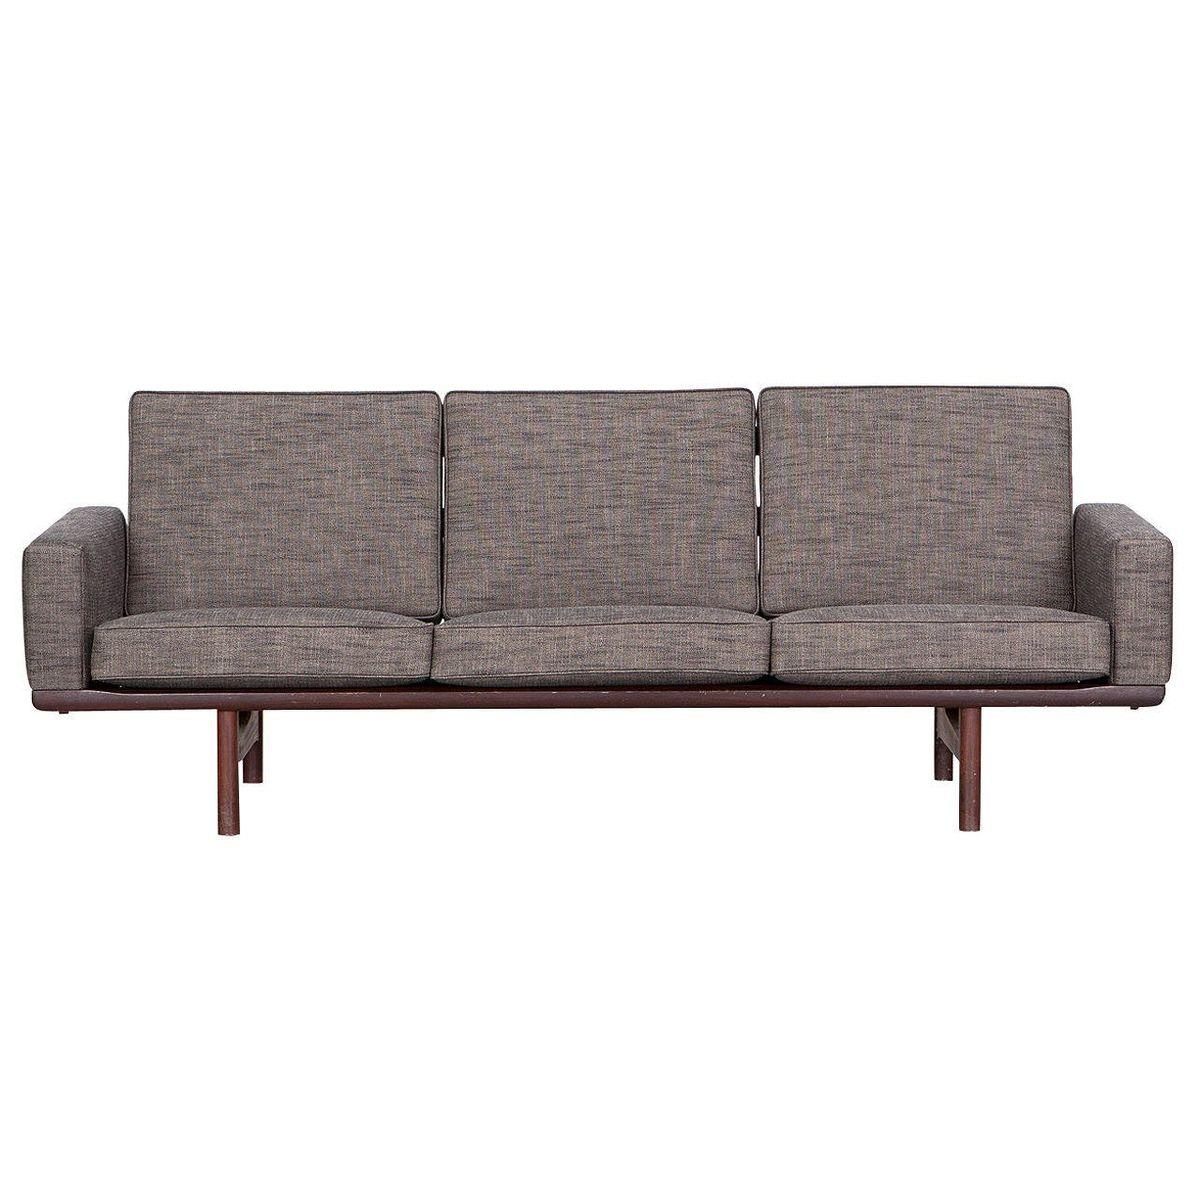 vintage 3 seater sofa by hans j wegner for getama for sale at pamono. Black Bedroom Furniture Sets. Home Design Ideas